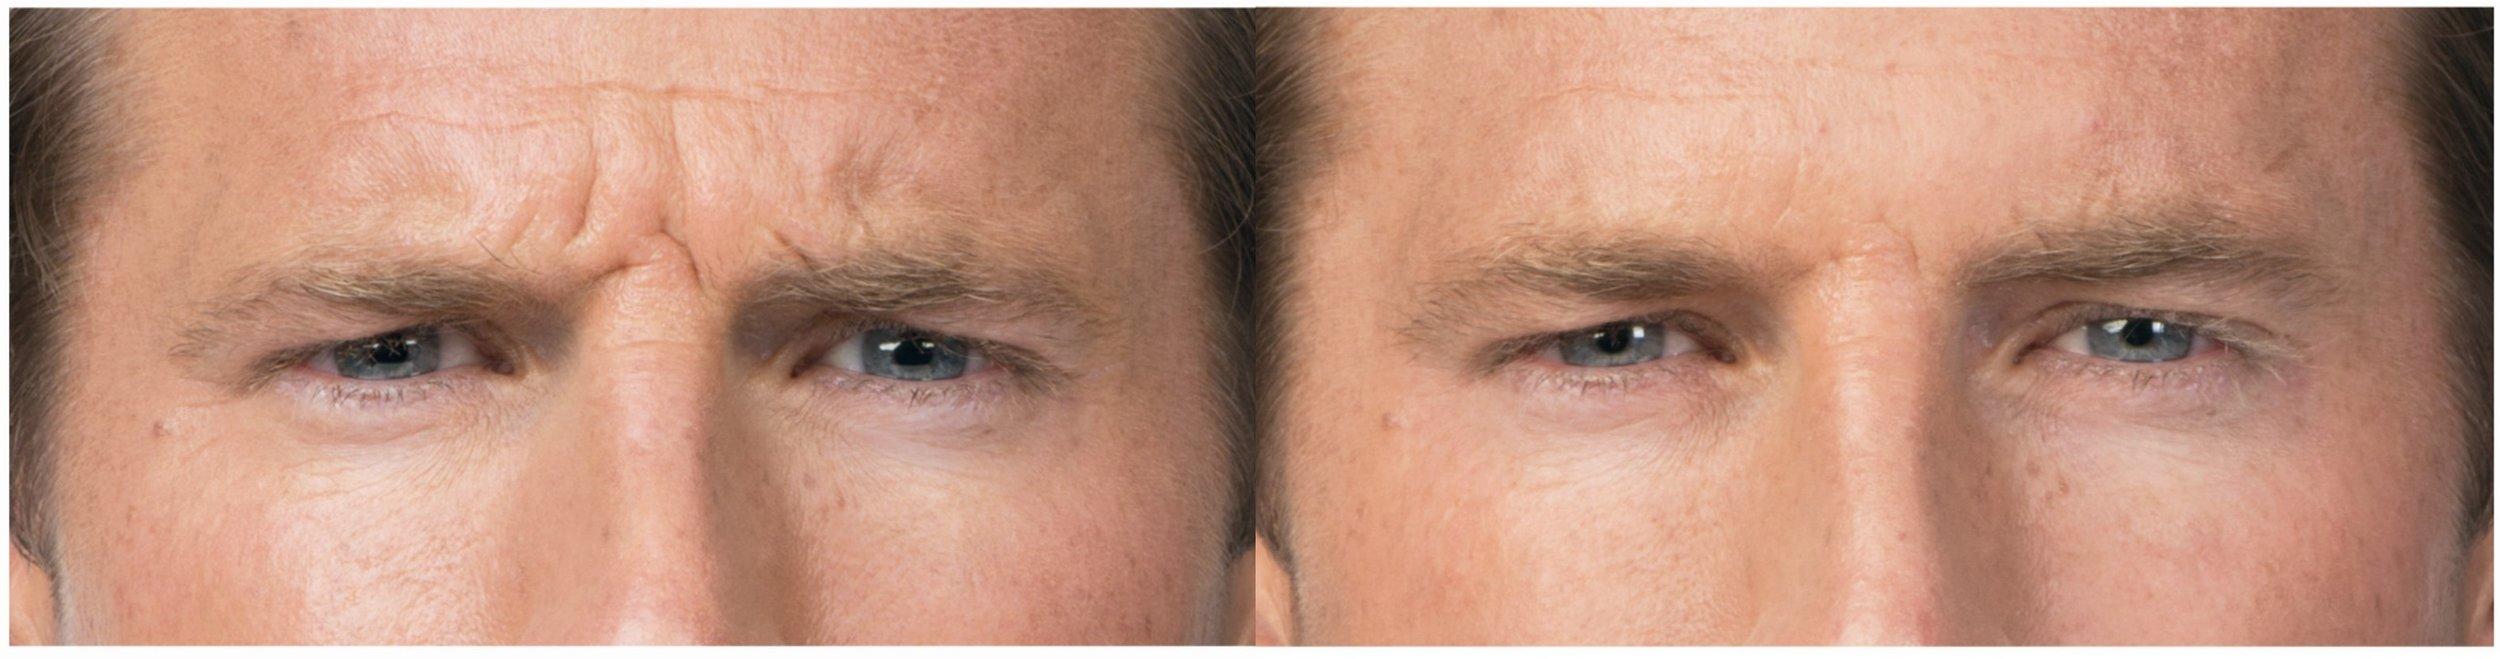 botox-men-frown-forehead-wrinkles.jpg